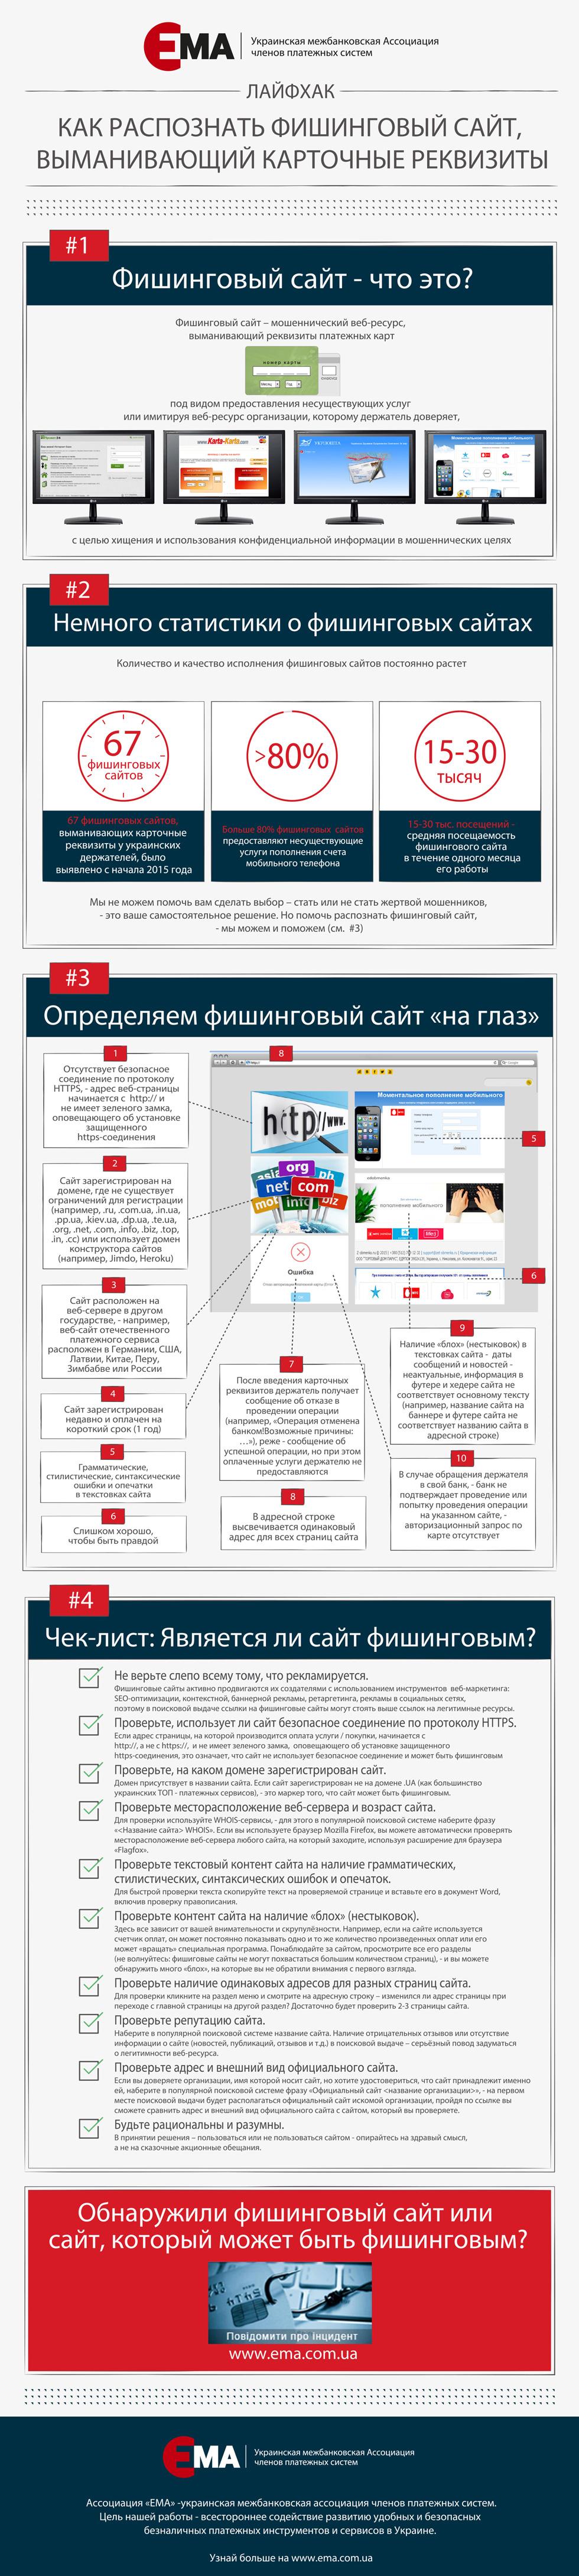 Инфографика: как узнать фишинговый сайт